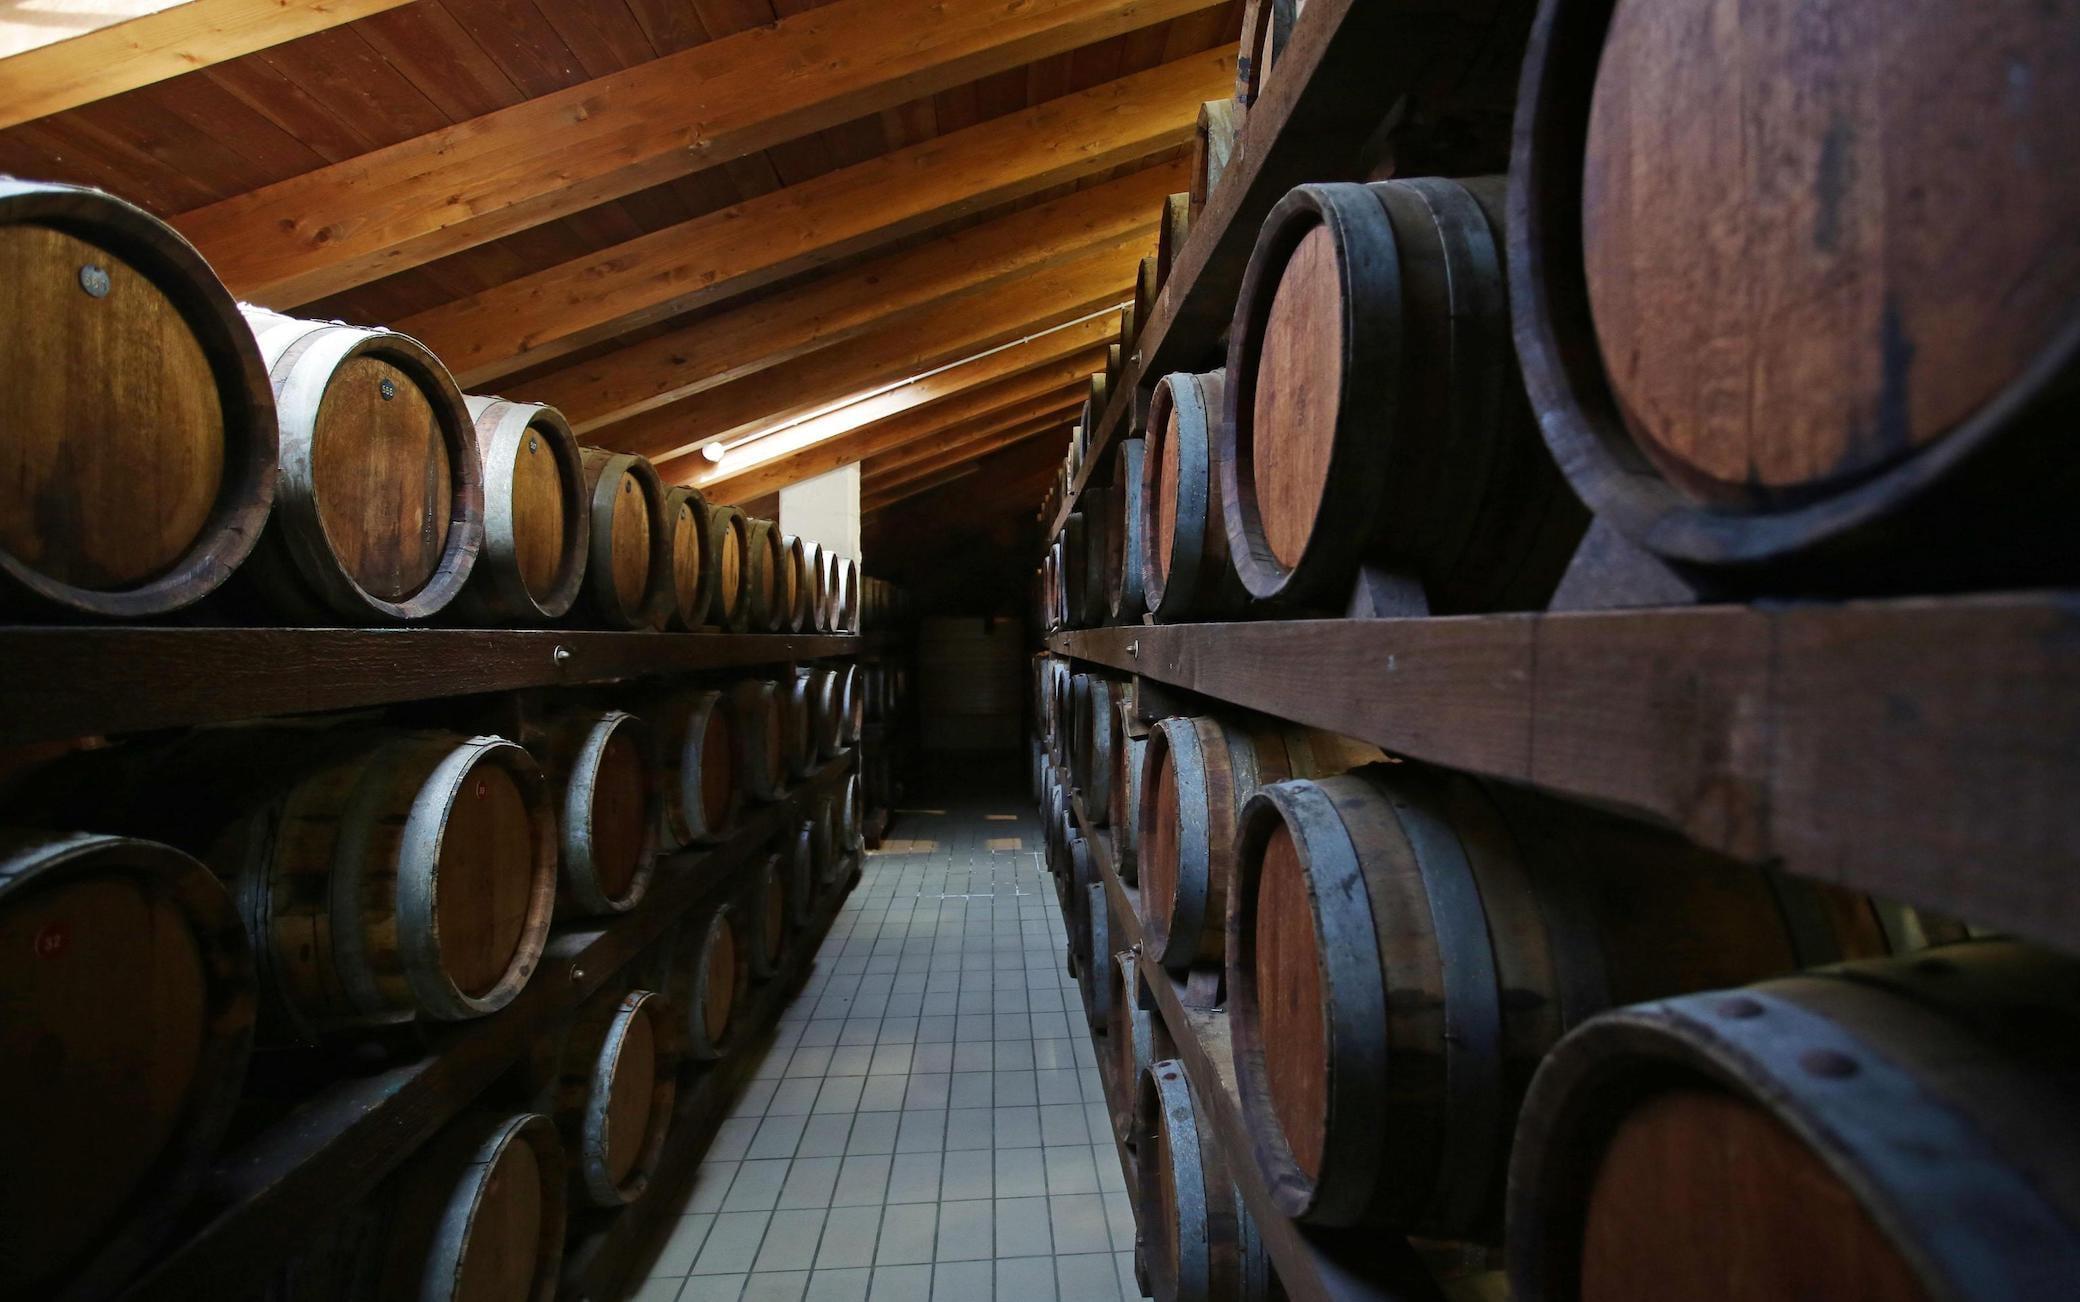 Una delle acetaie per la produzione e l'invecchiamento dell'aceto Balsamico di Modena e il Tradizionale di Reggio Emilia del gruppo agroalimentare Ferrarini di Reggio Emilia, 22 aprile 2015.ANSA/ELISABETTA BARACCHI